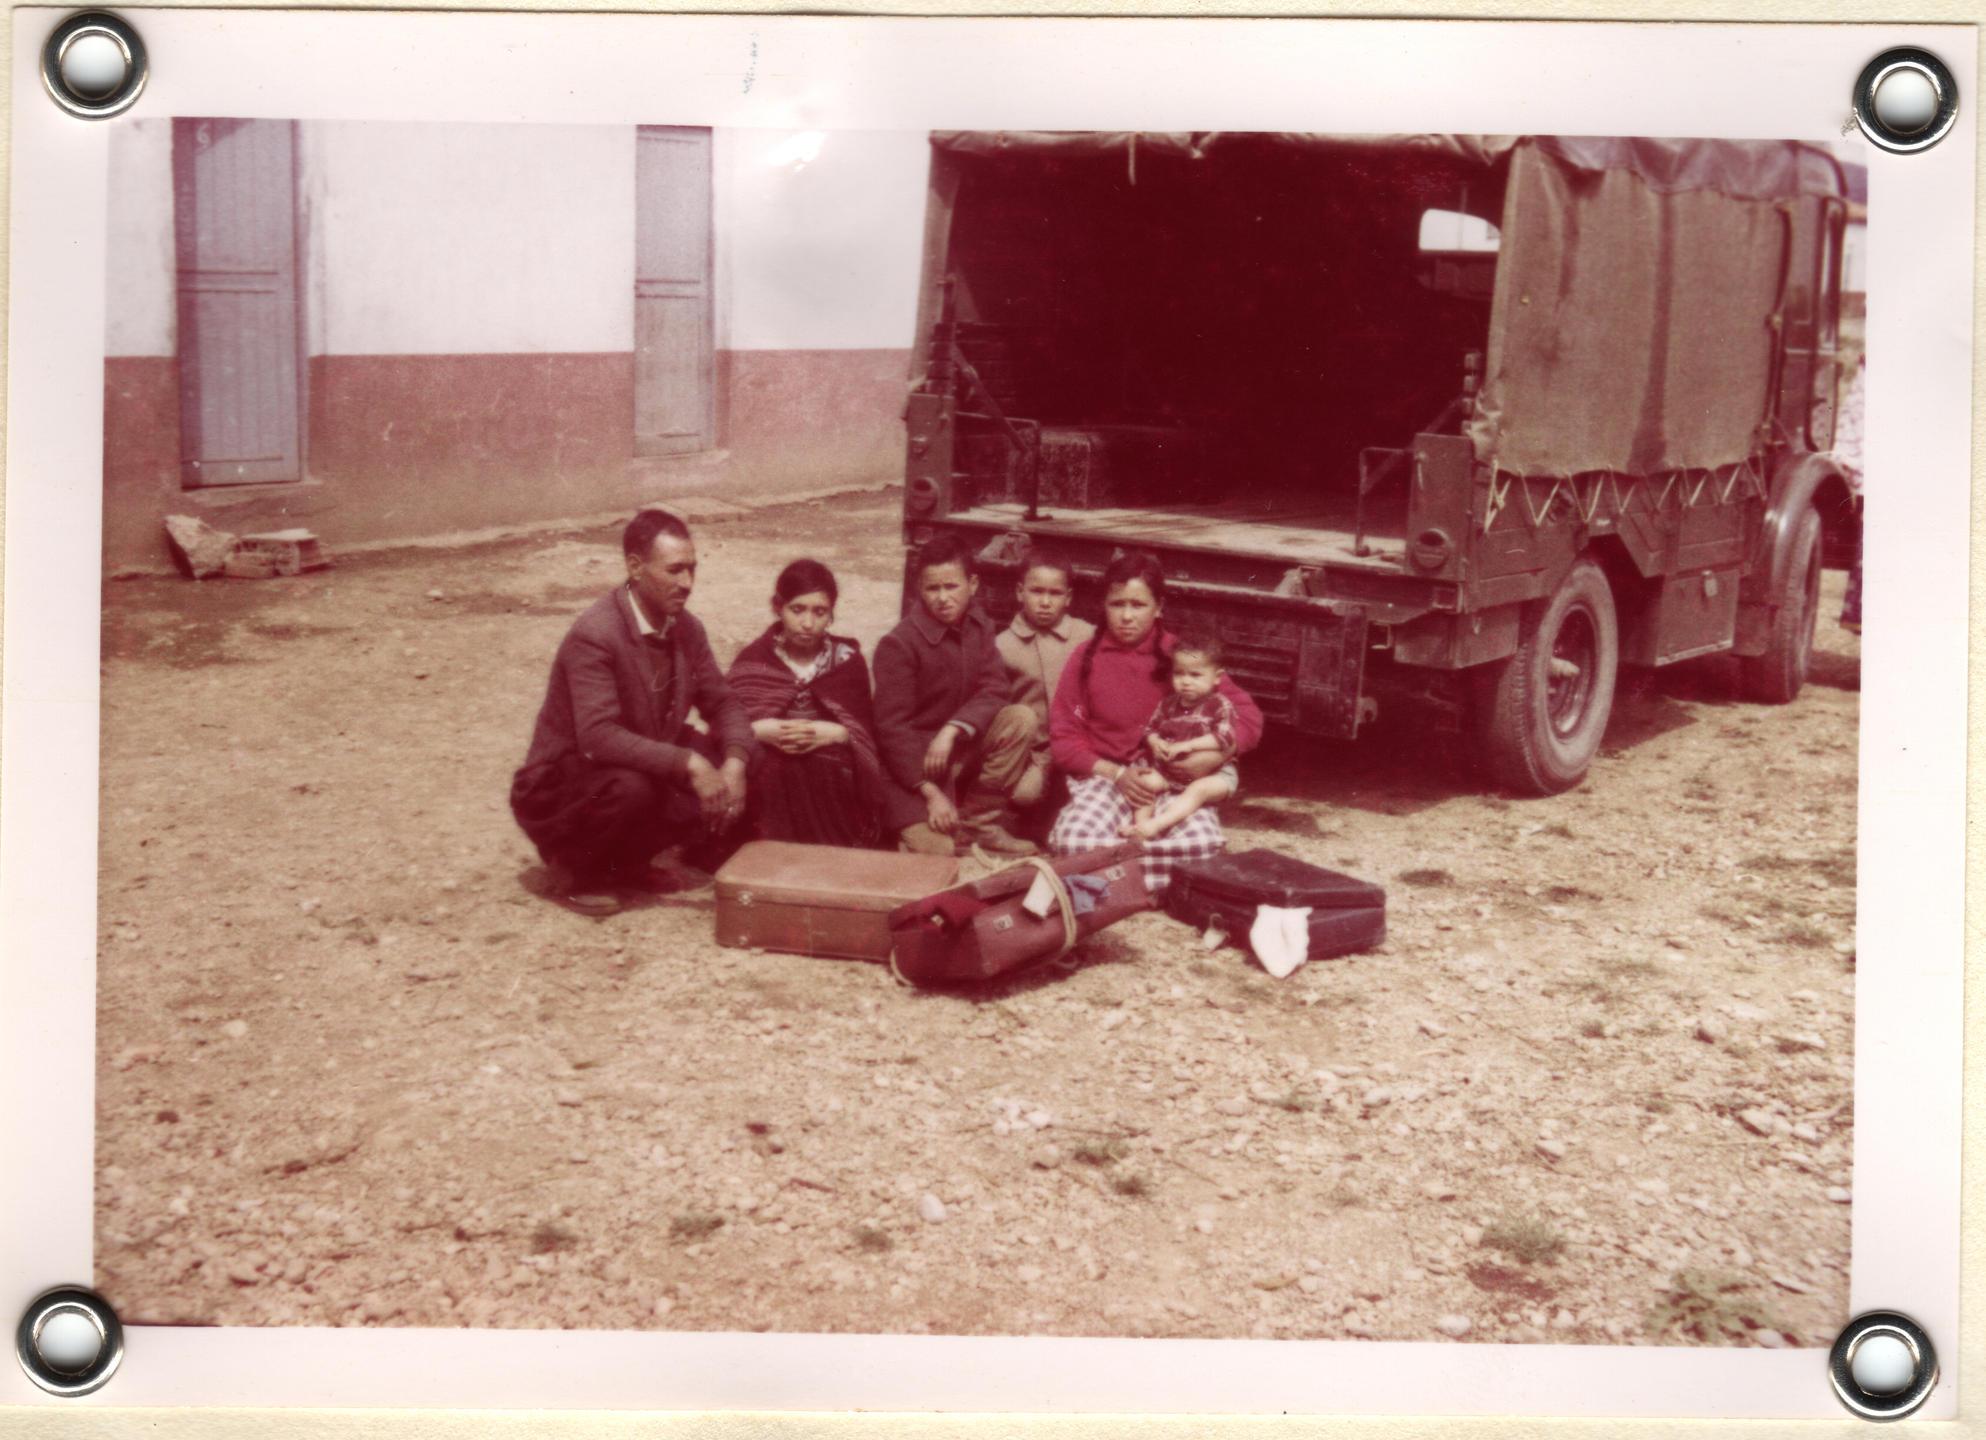 Camp de Rivesaltes, Harkis